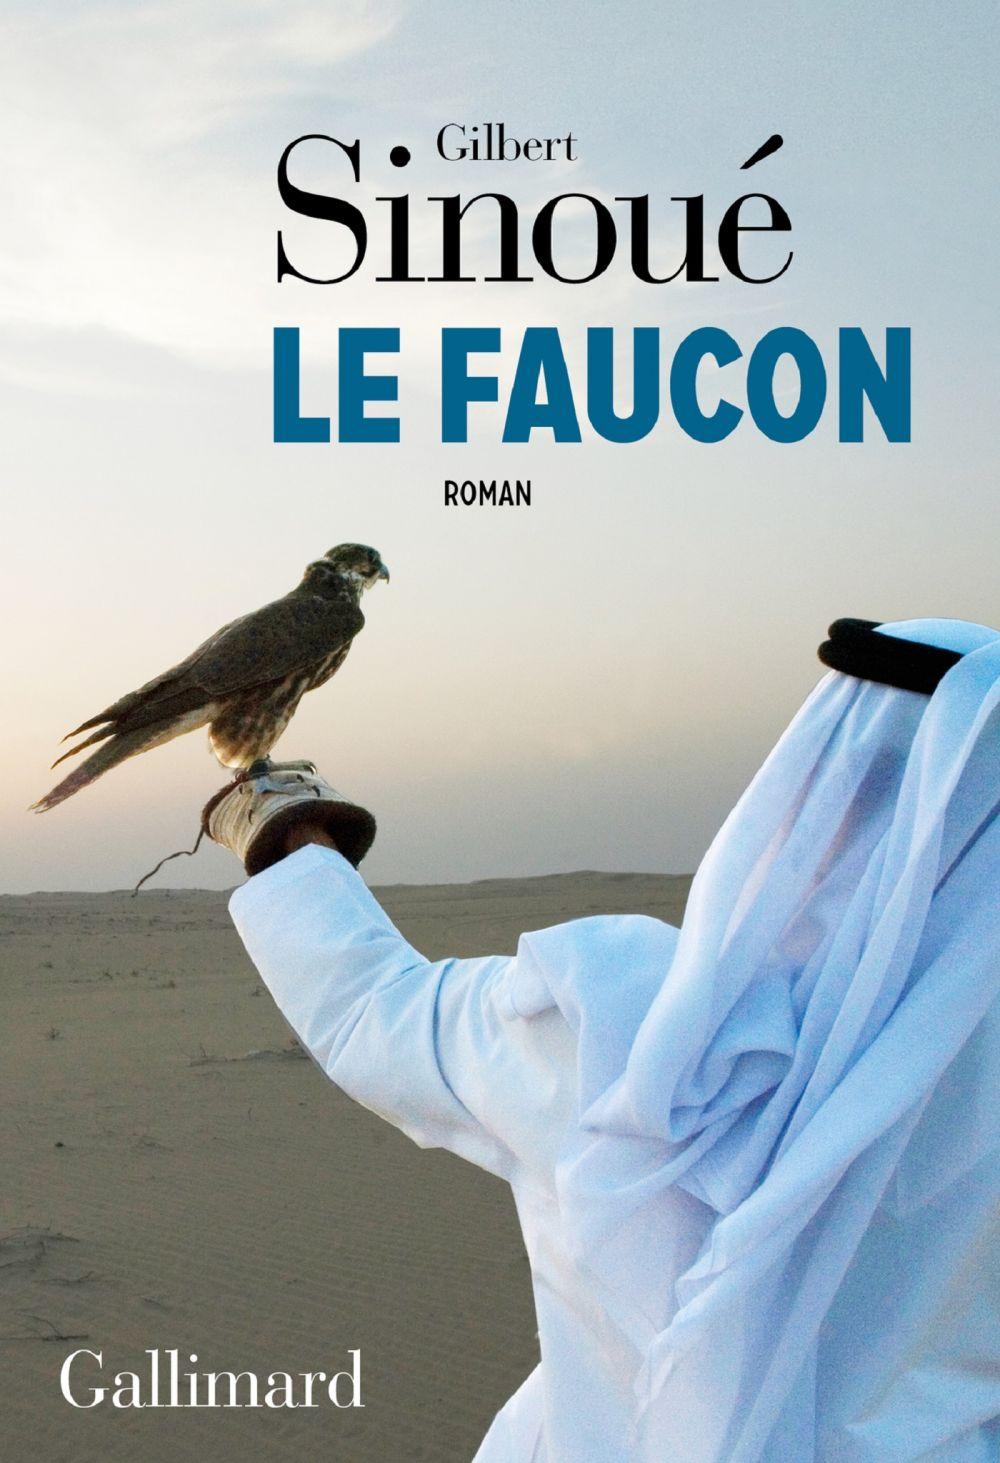 Le faucon |